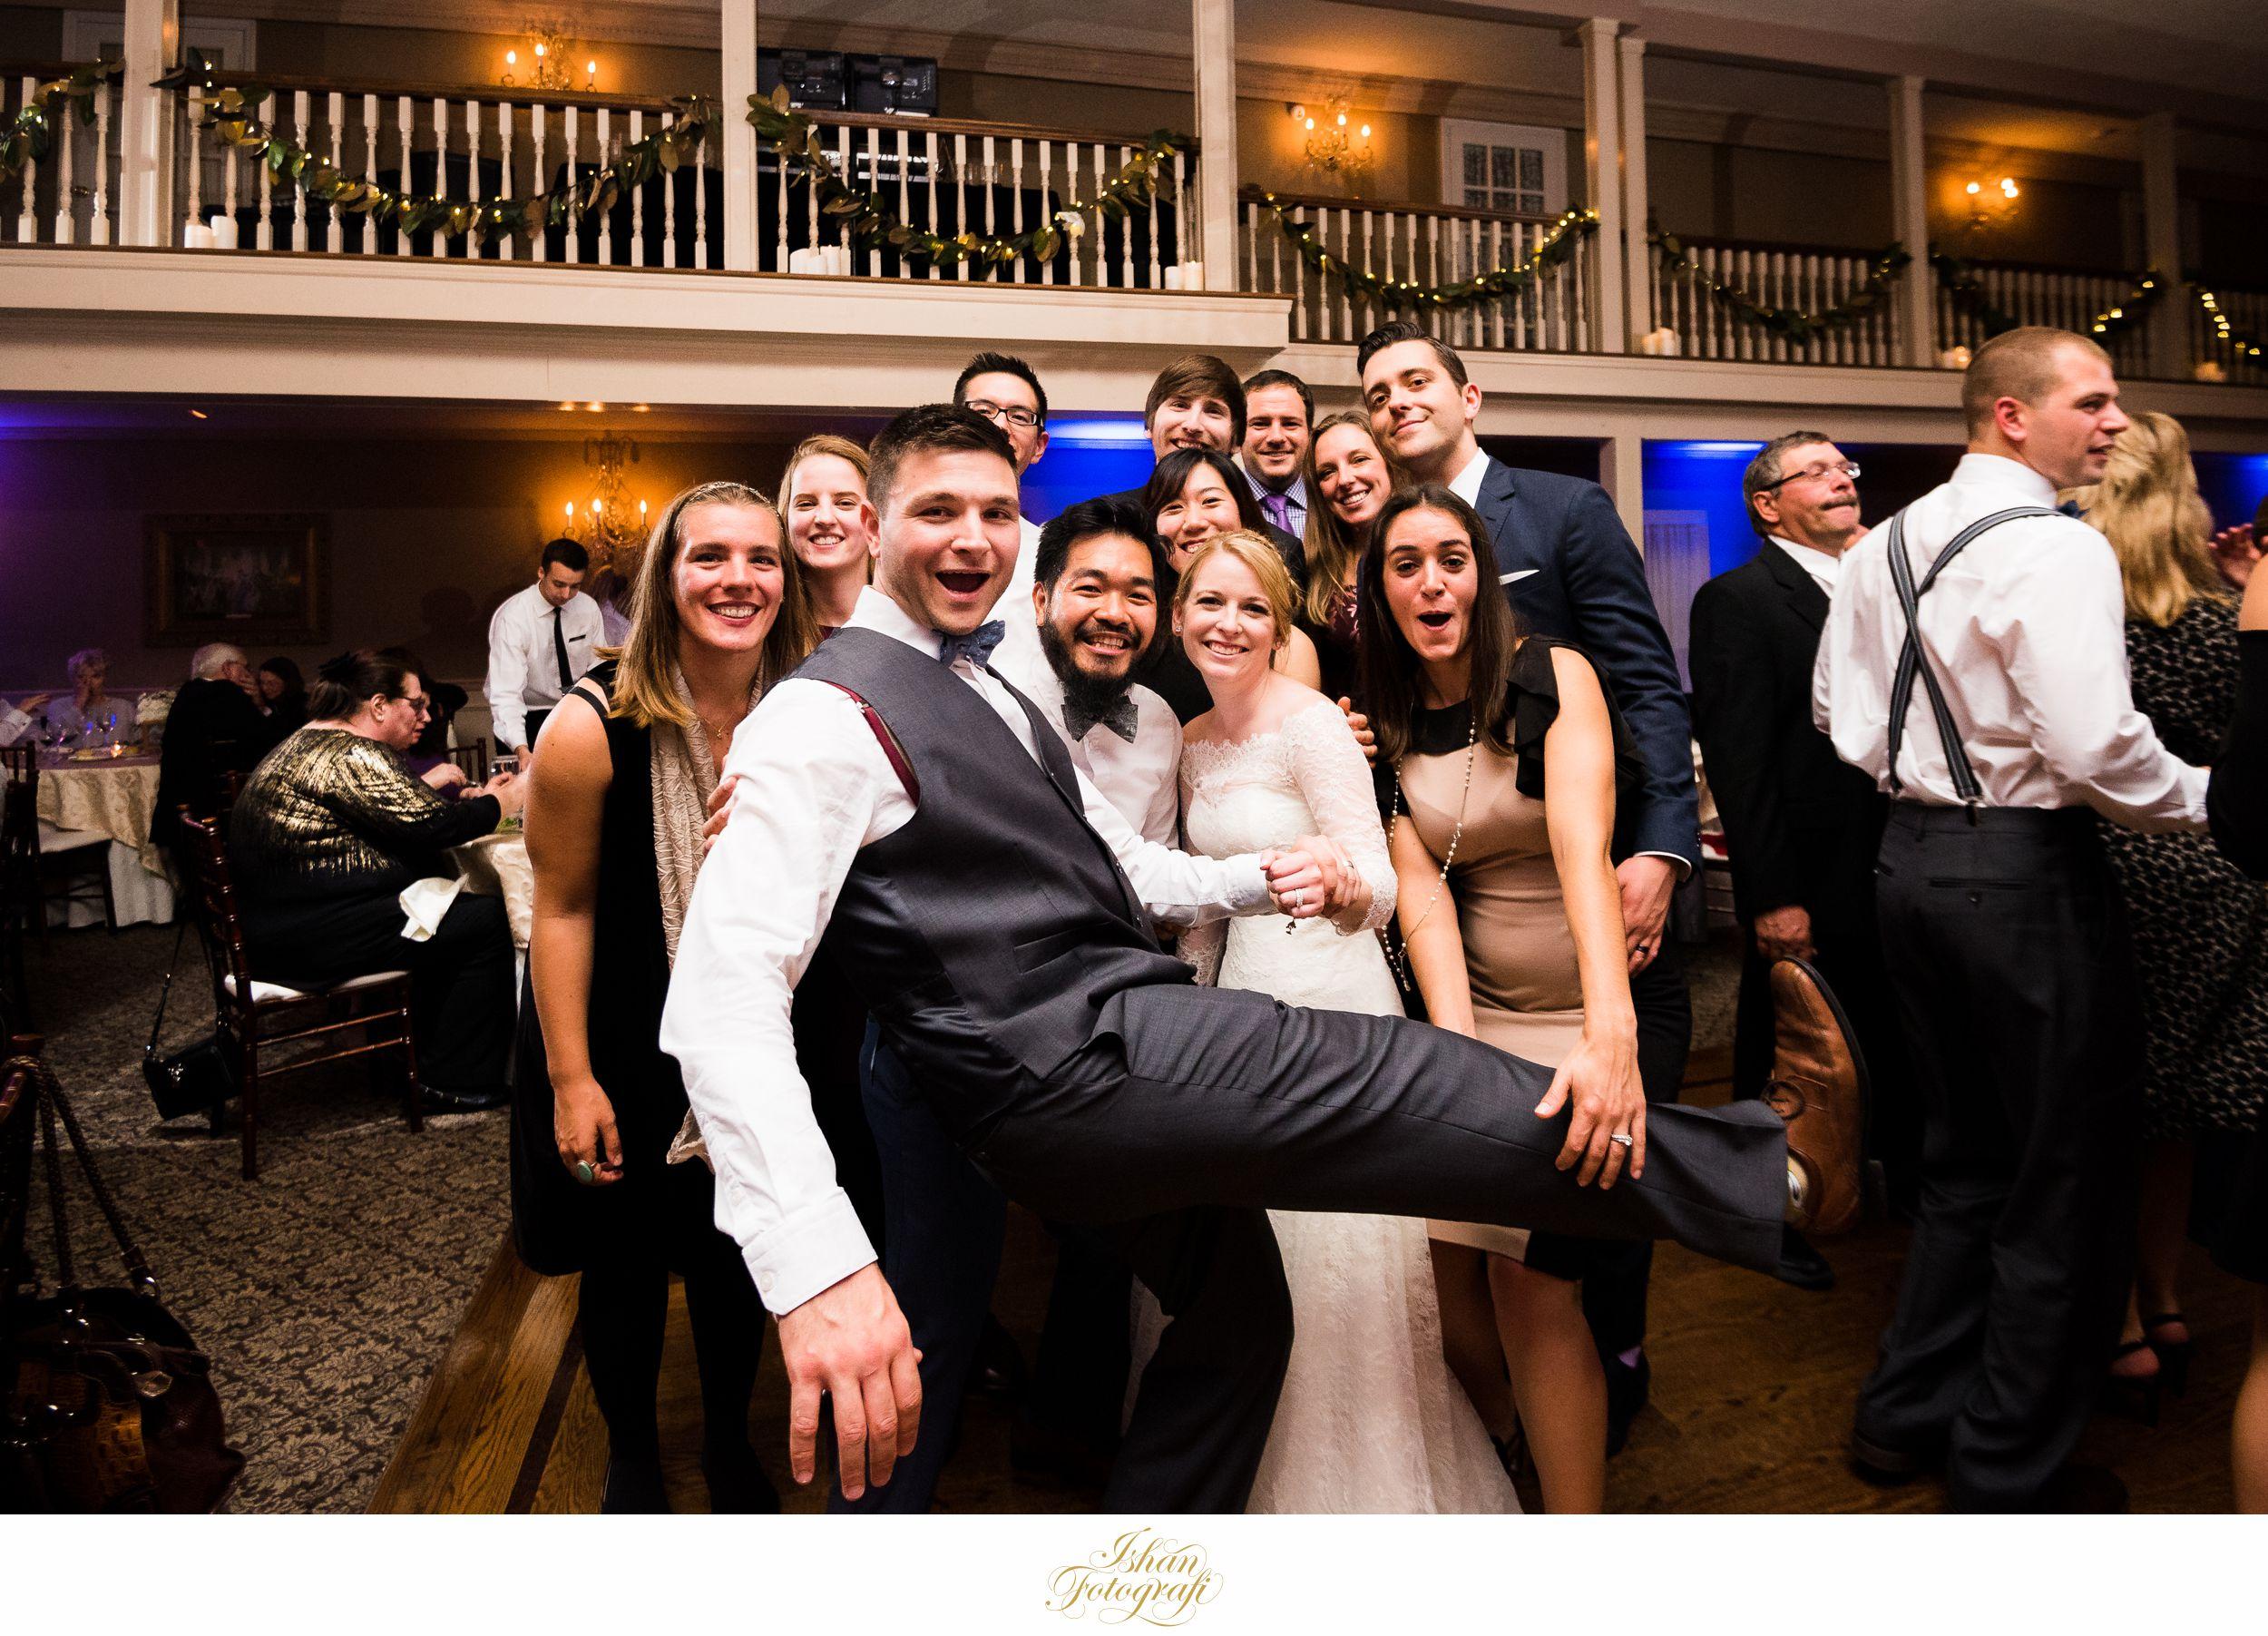 wedding-reception-photos-davids-country-inn